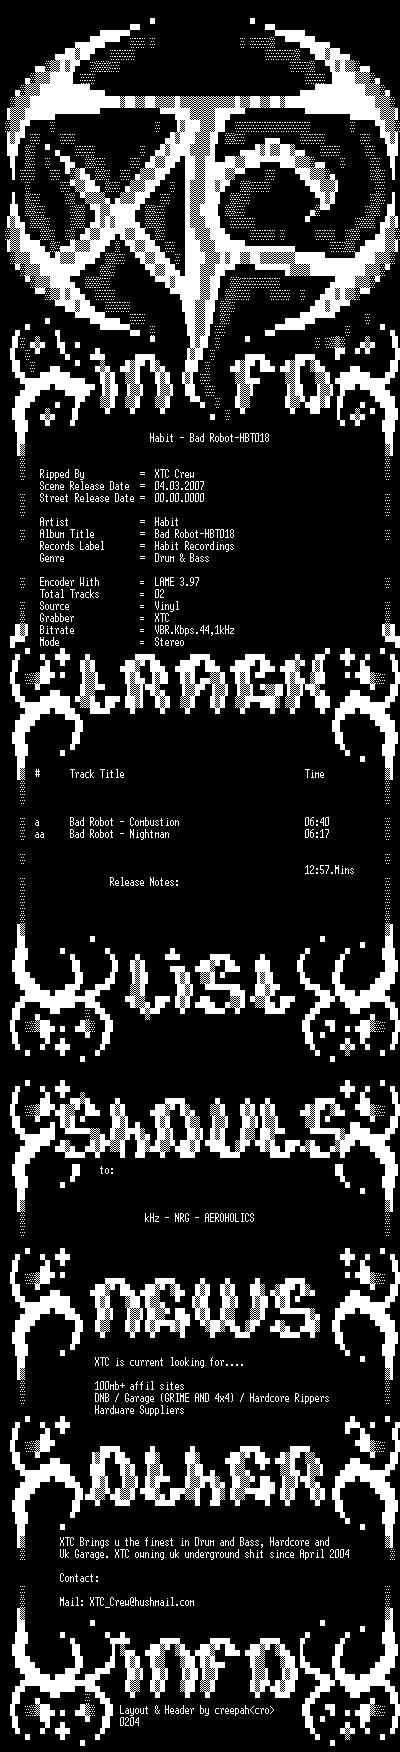 [DnB] Bad Robot - HBT018 - Habit Rec. Hbt01810